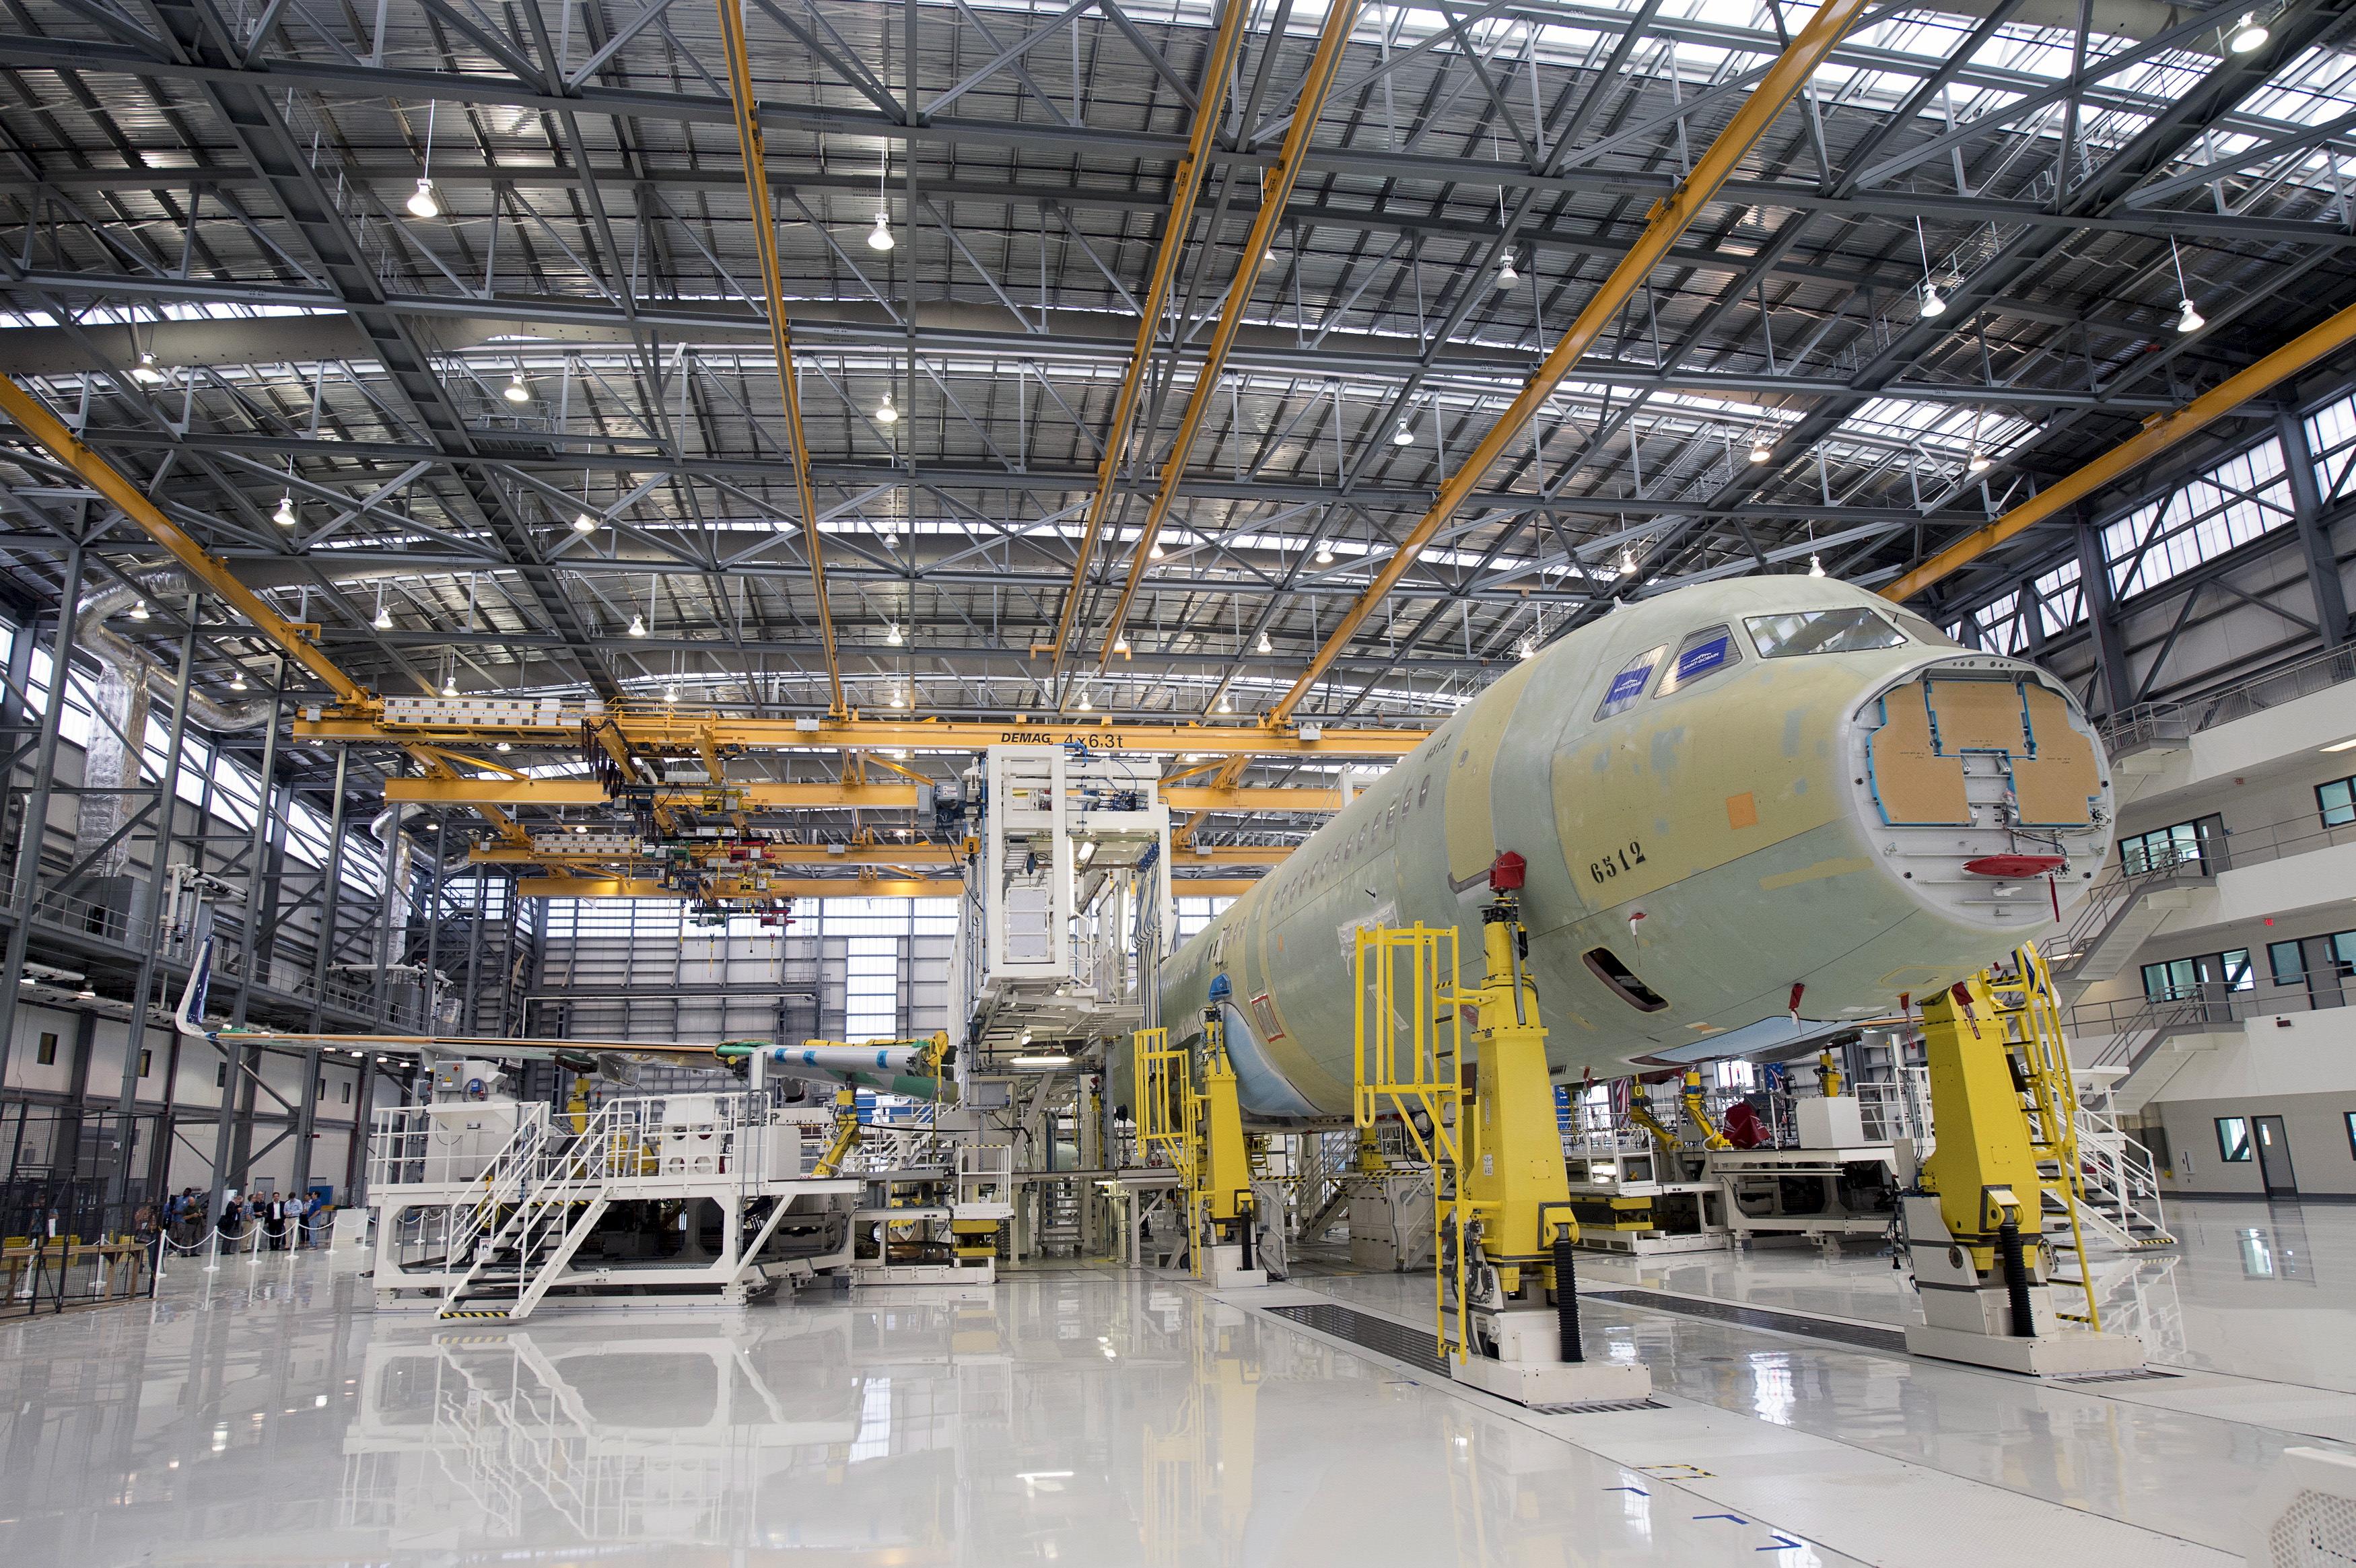 Resultado de imagen para assembly line airbus